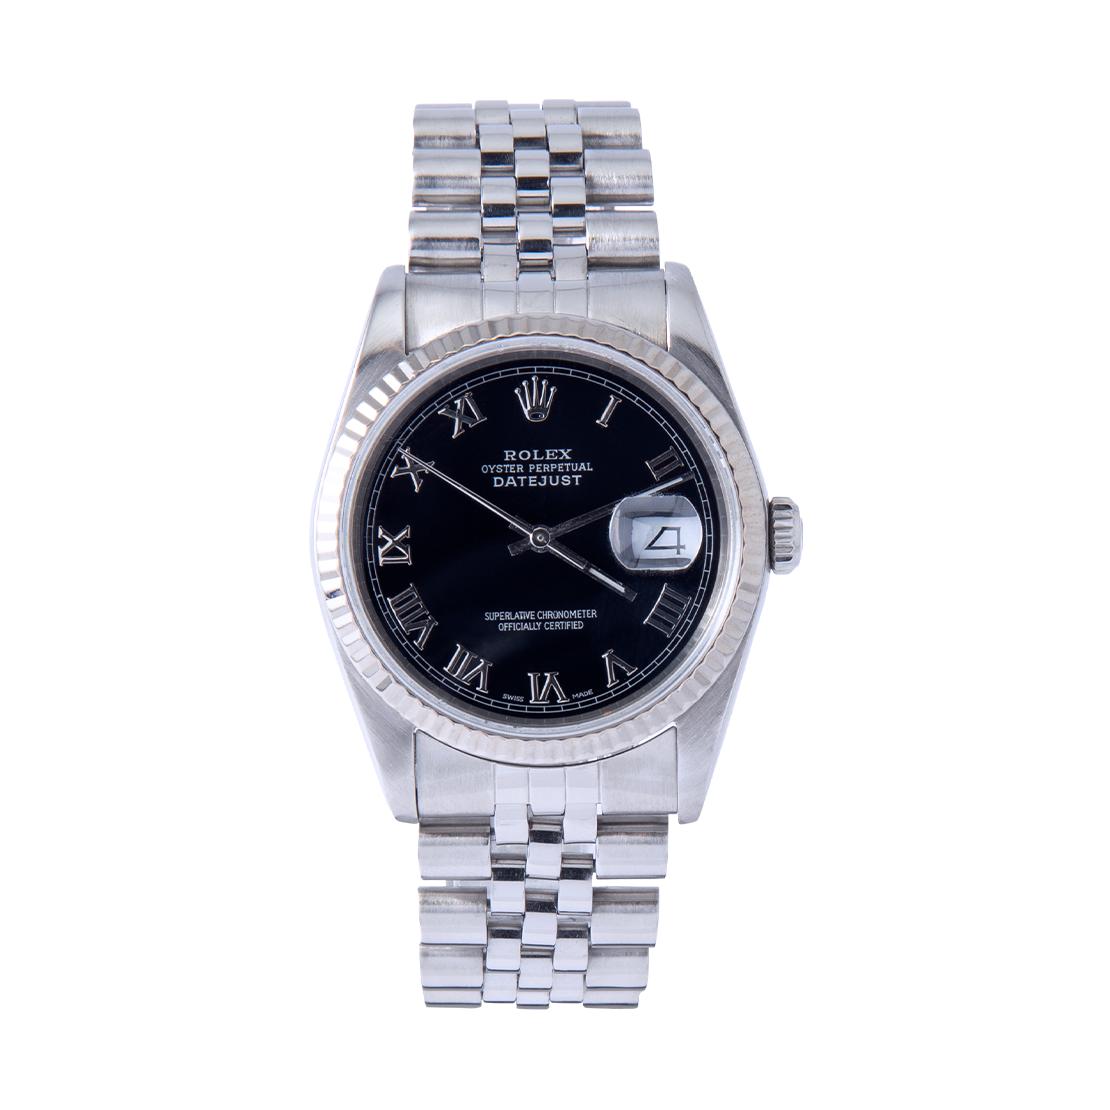 1989 Rolex Datejust Watch